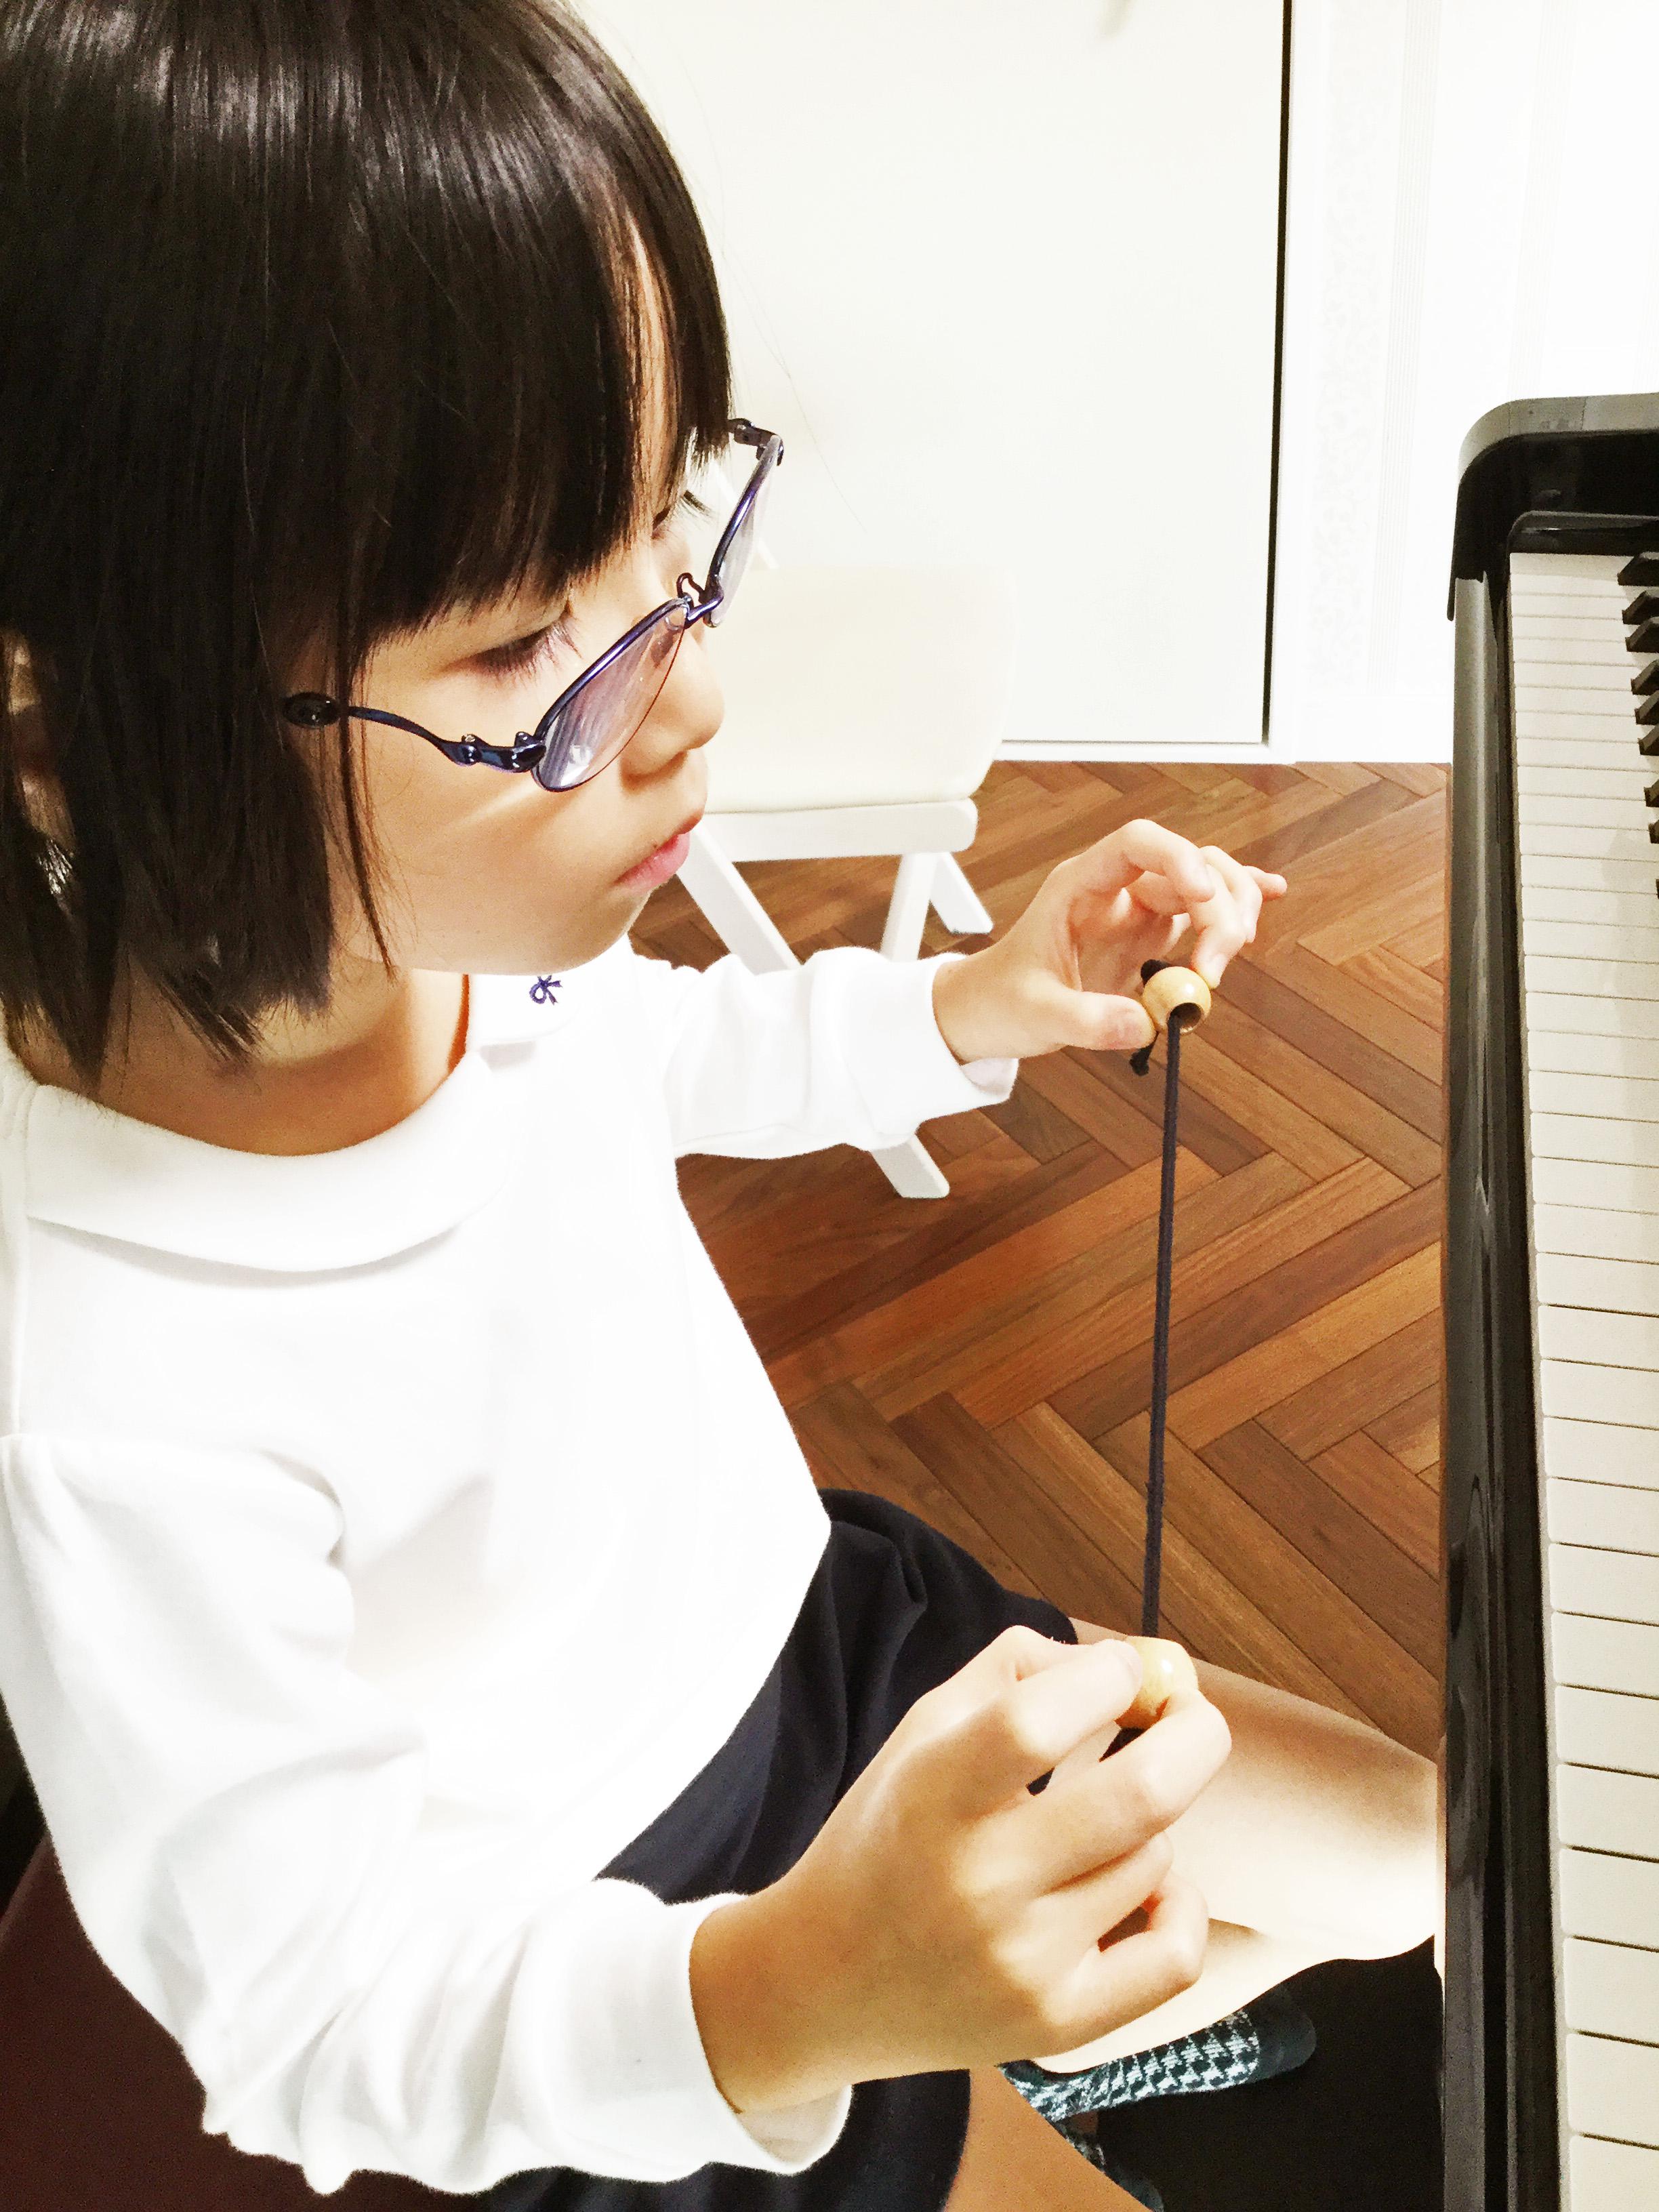 玉つき紐を使って、演奏時の丸い指の形を習得